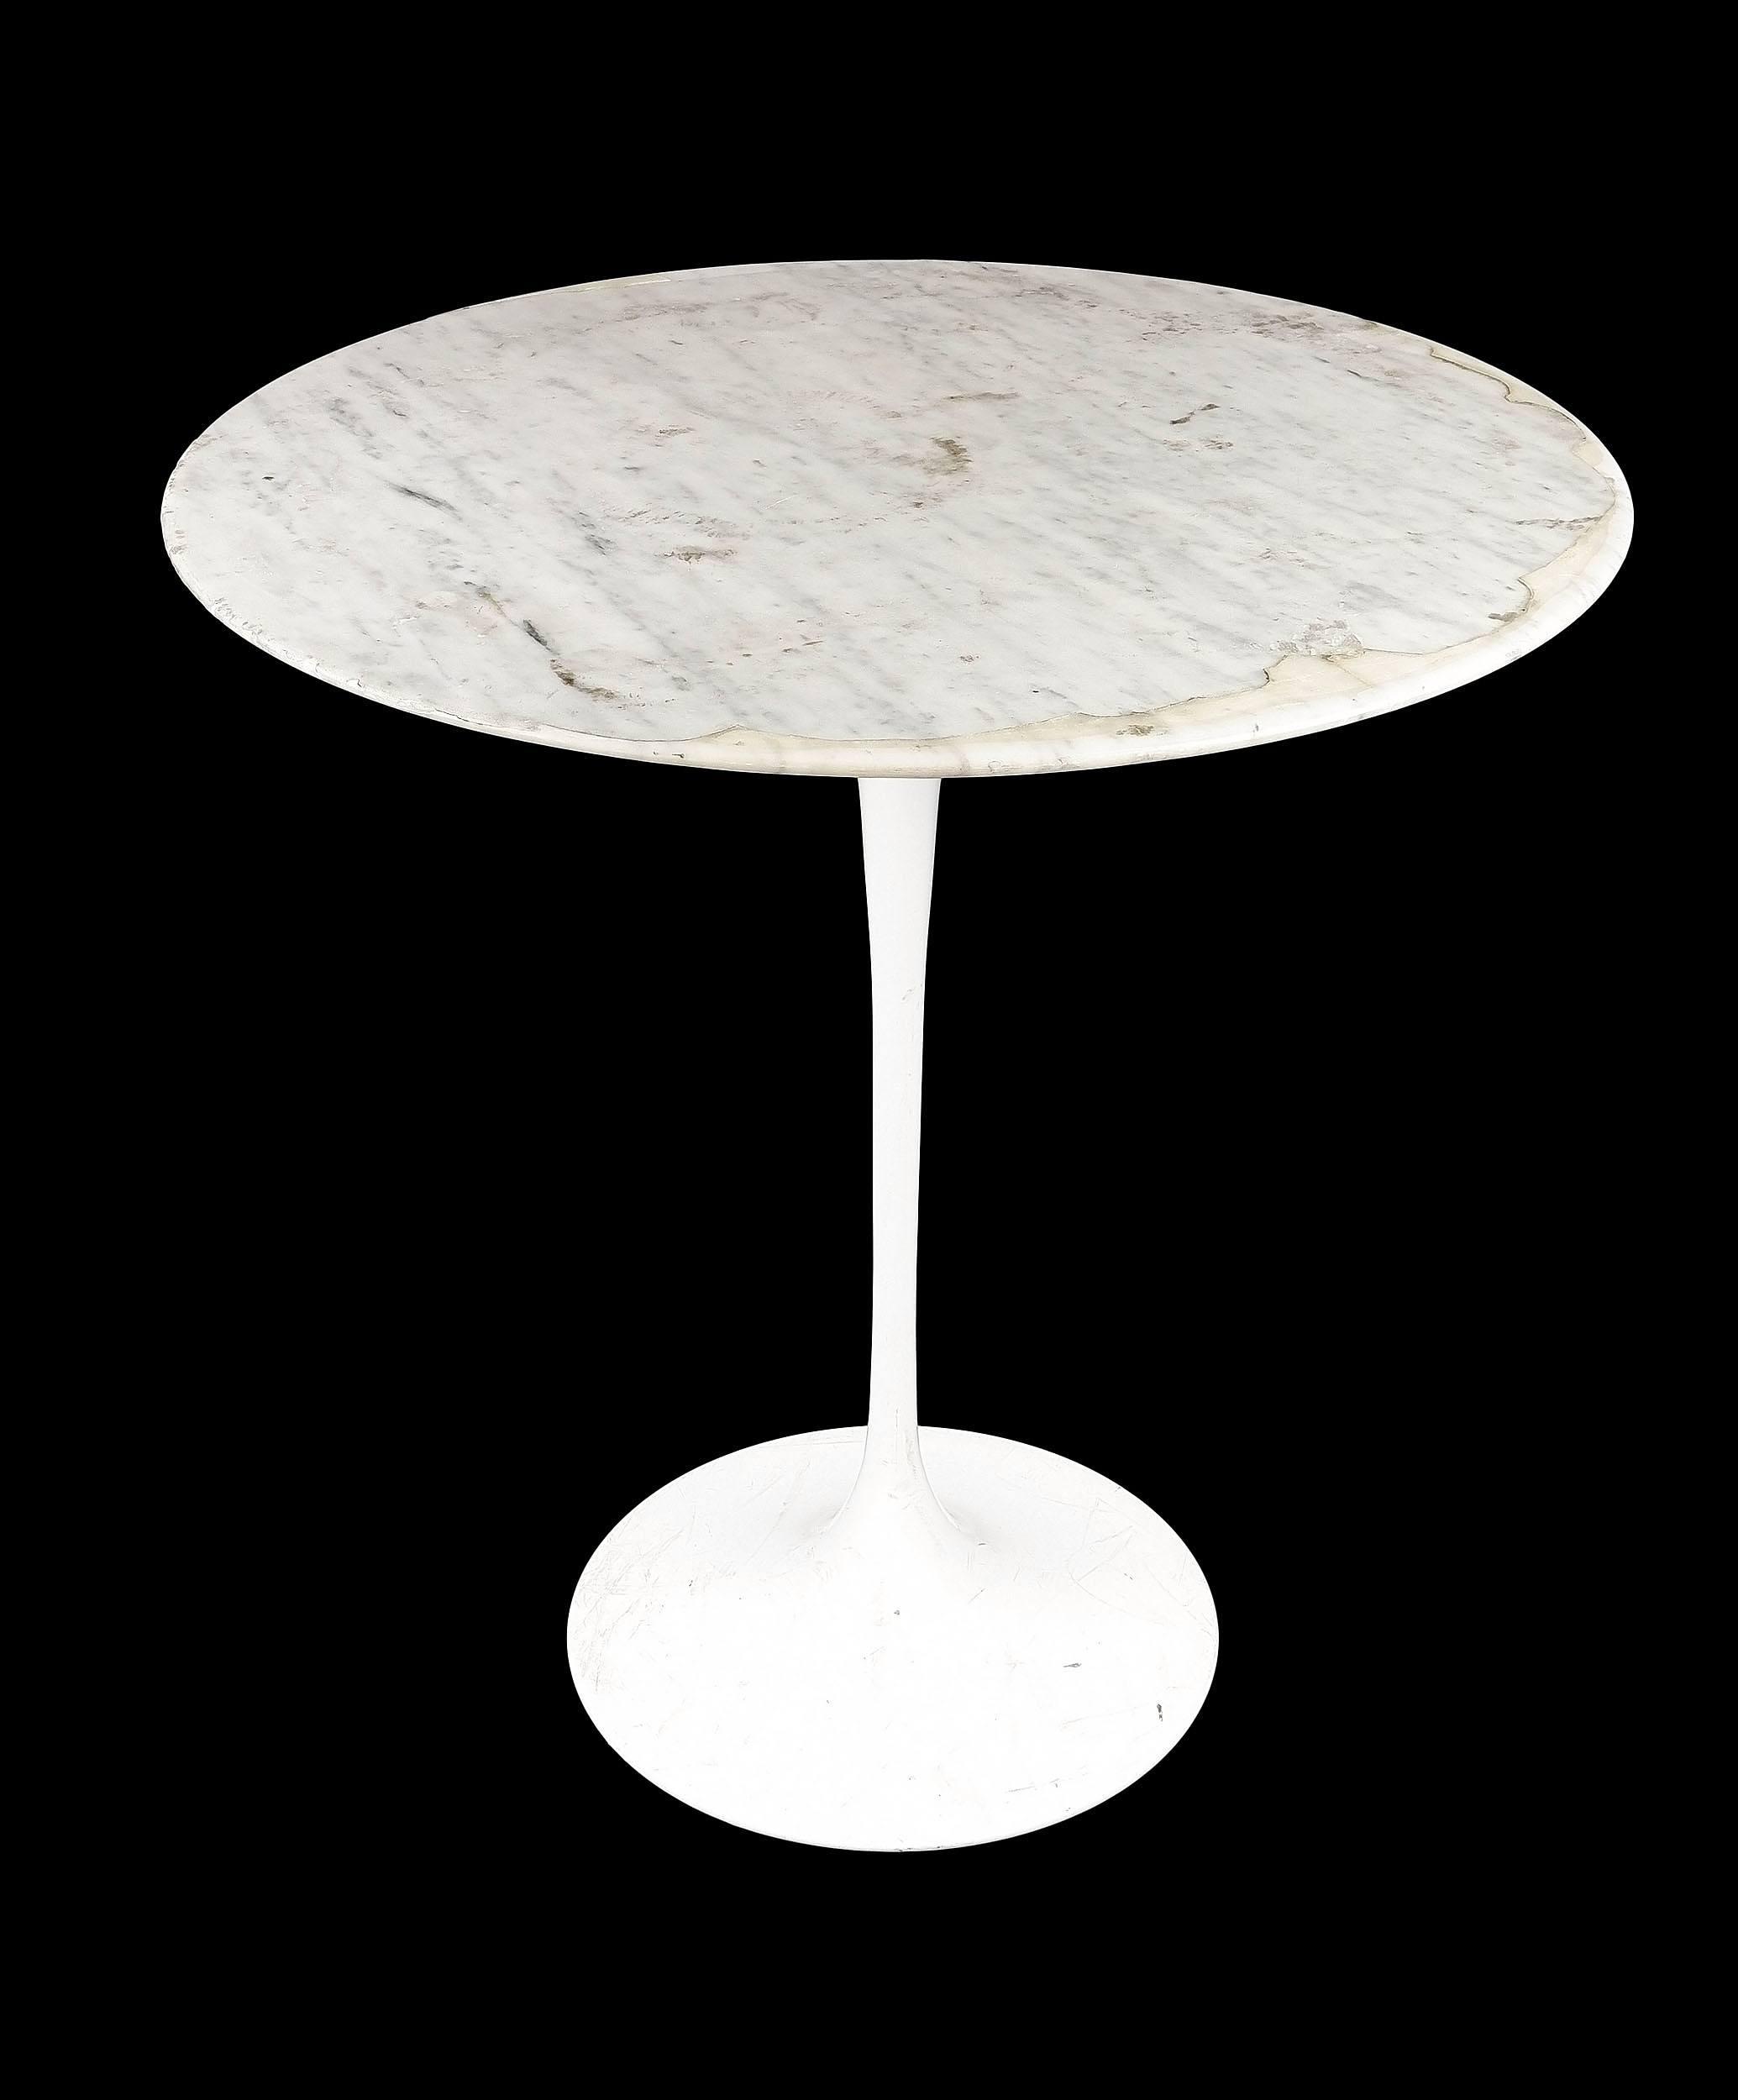 'Genuine Eero Saarinen Marble and Metal Based Tulip Table Manufactured by Knoll'